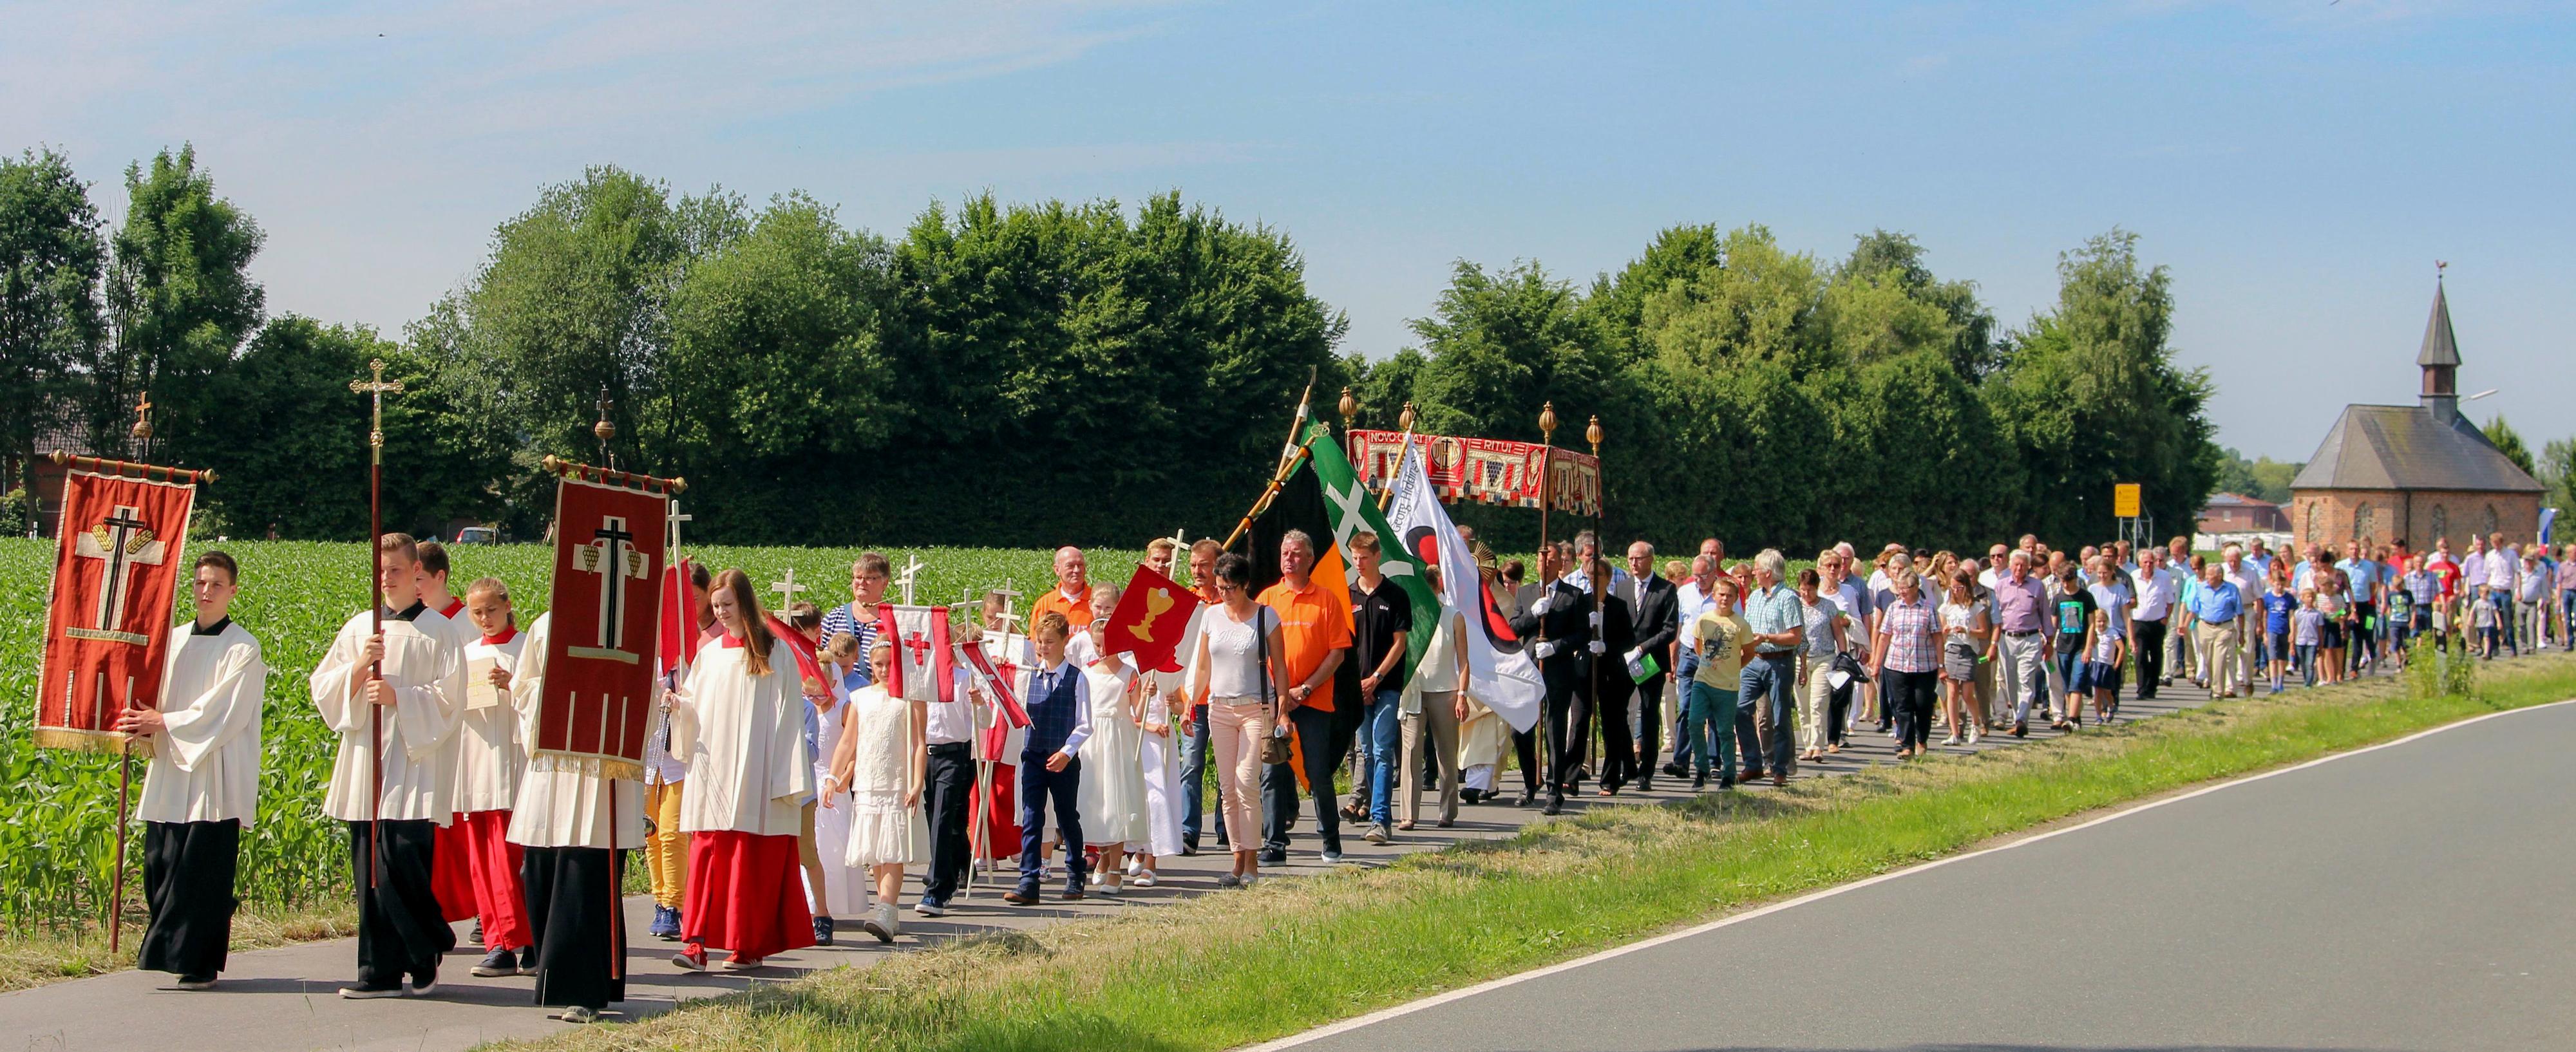 Fronleichnamsprozession St. Georg Gemeinde Hiddingsel 2017